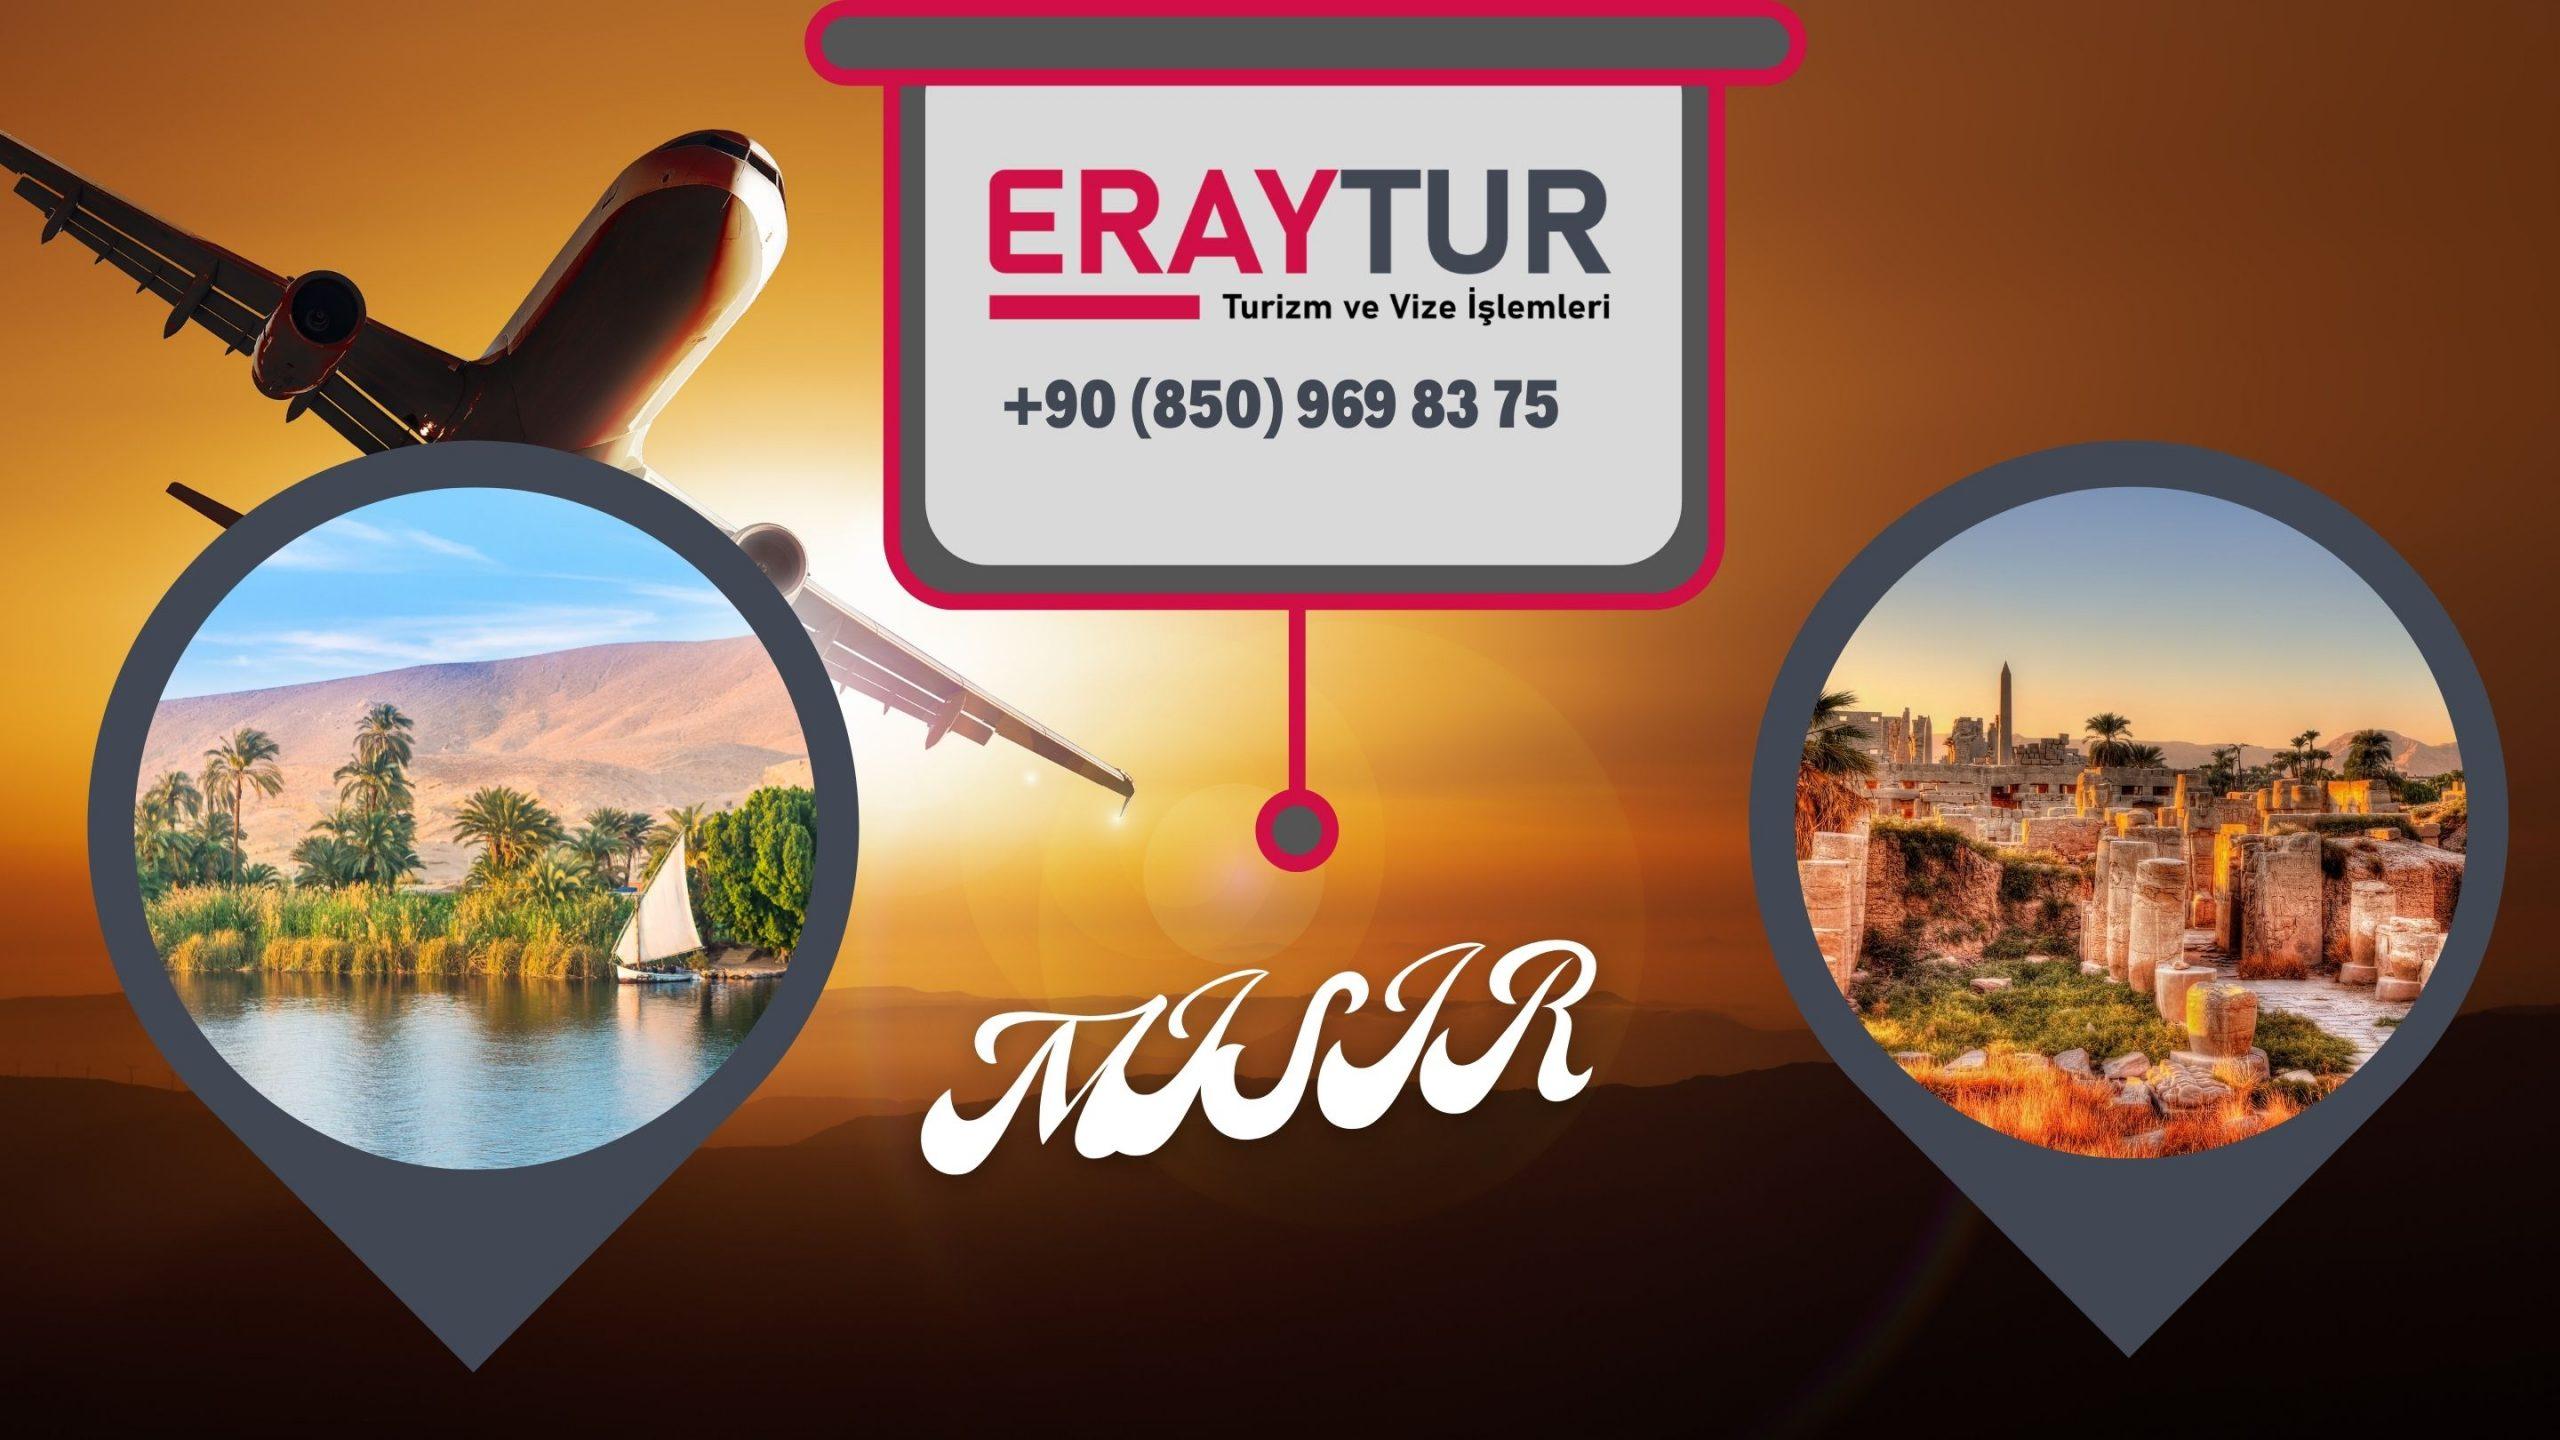 Mısır Vize Ücreti